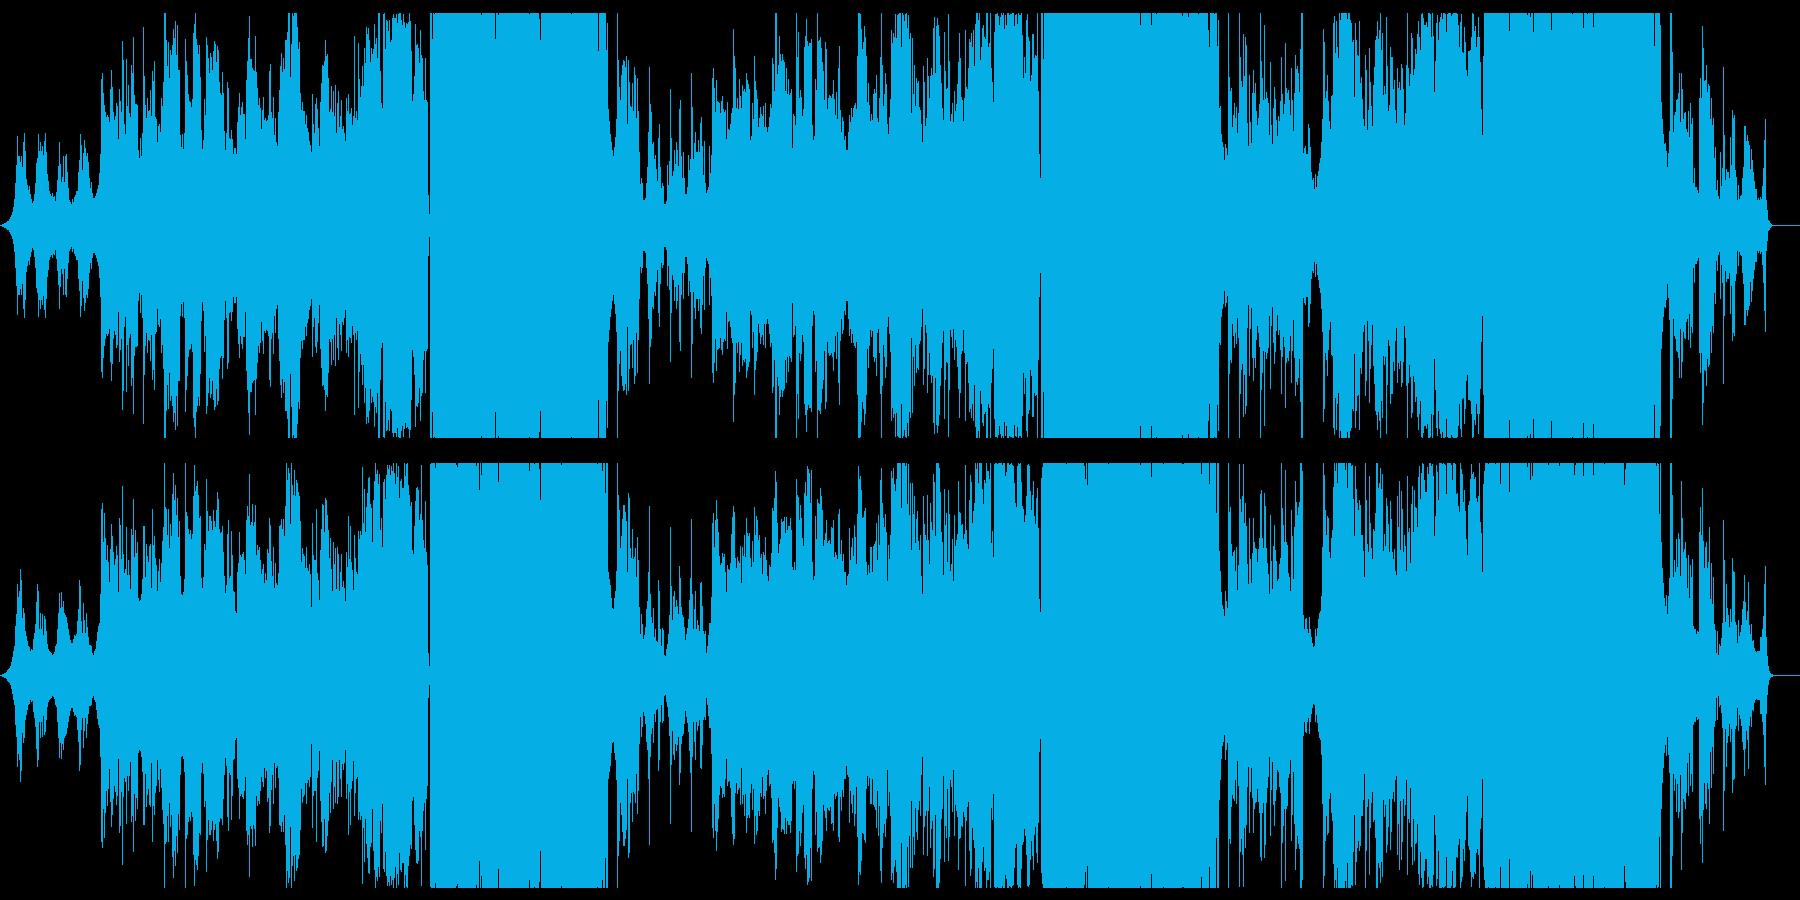 切ない女性ボーカルのバラード曲の再生済みの波形